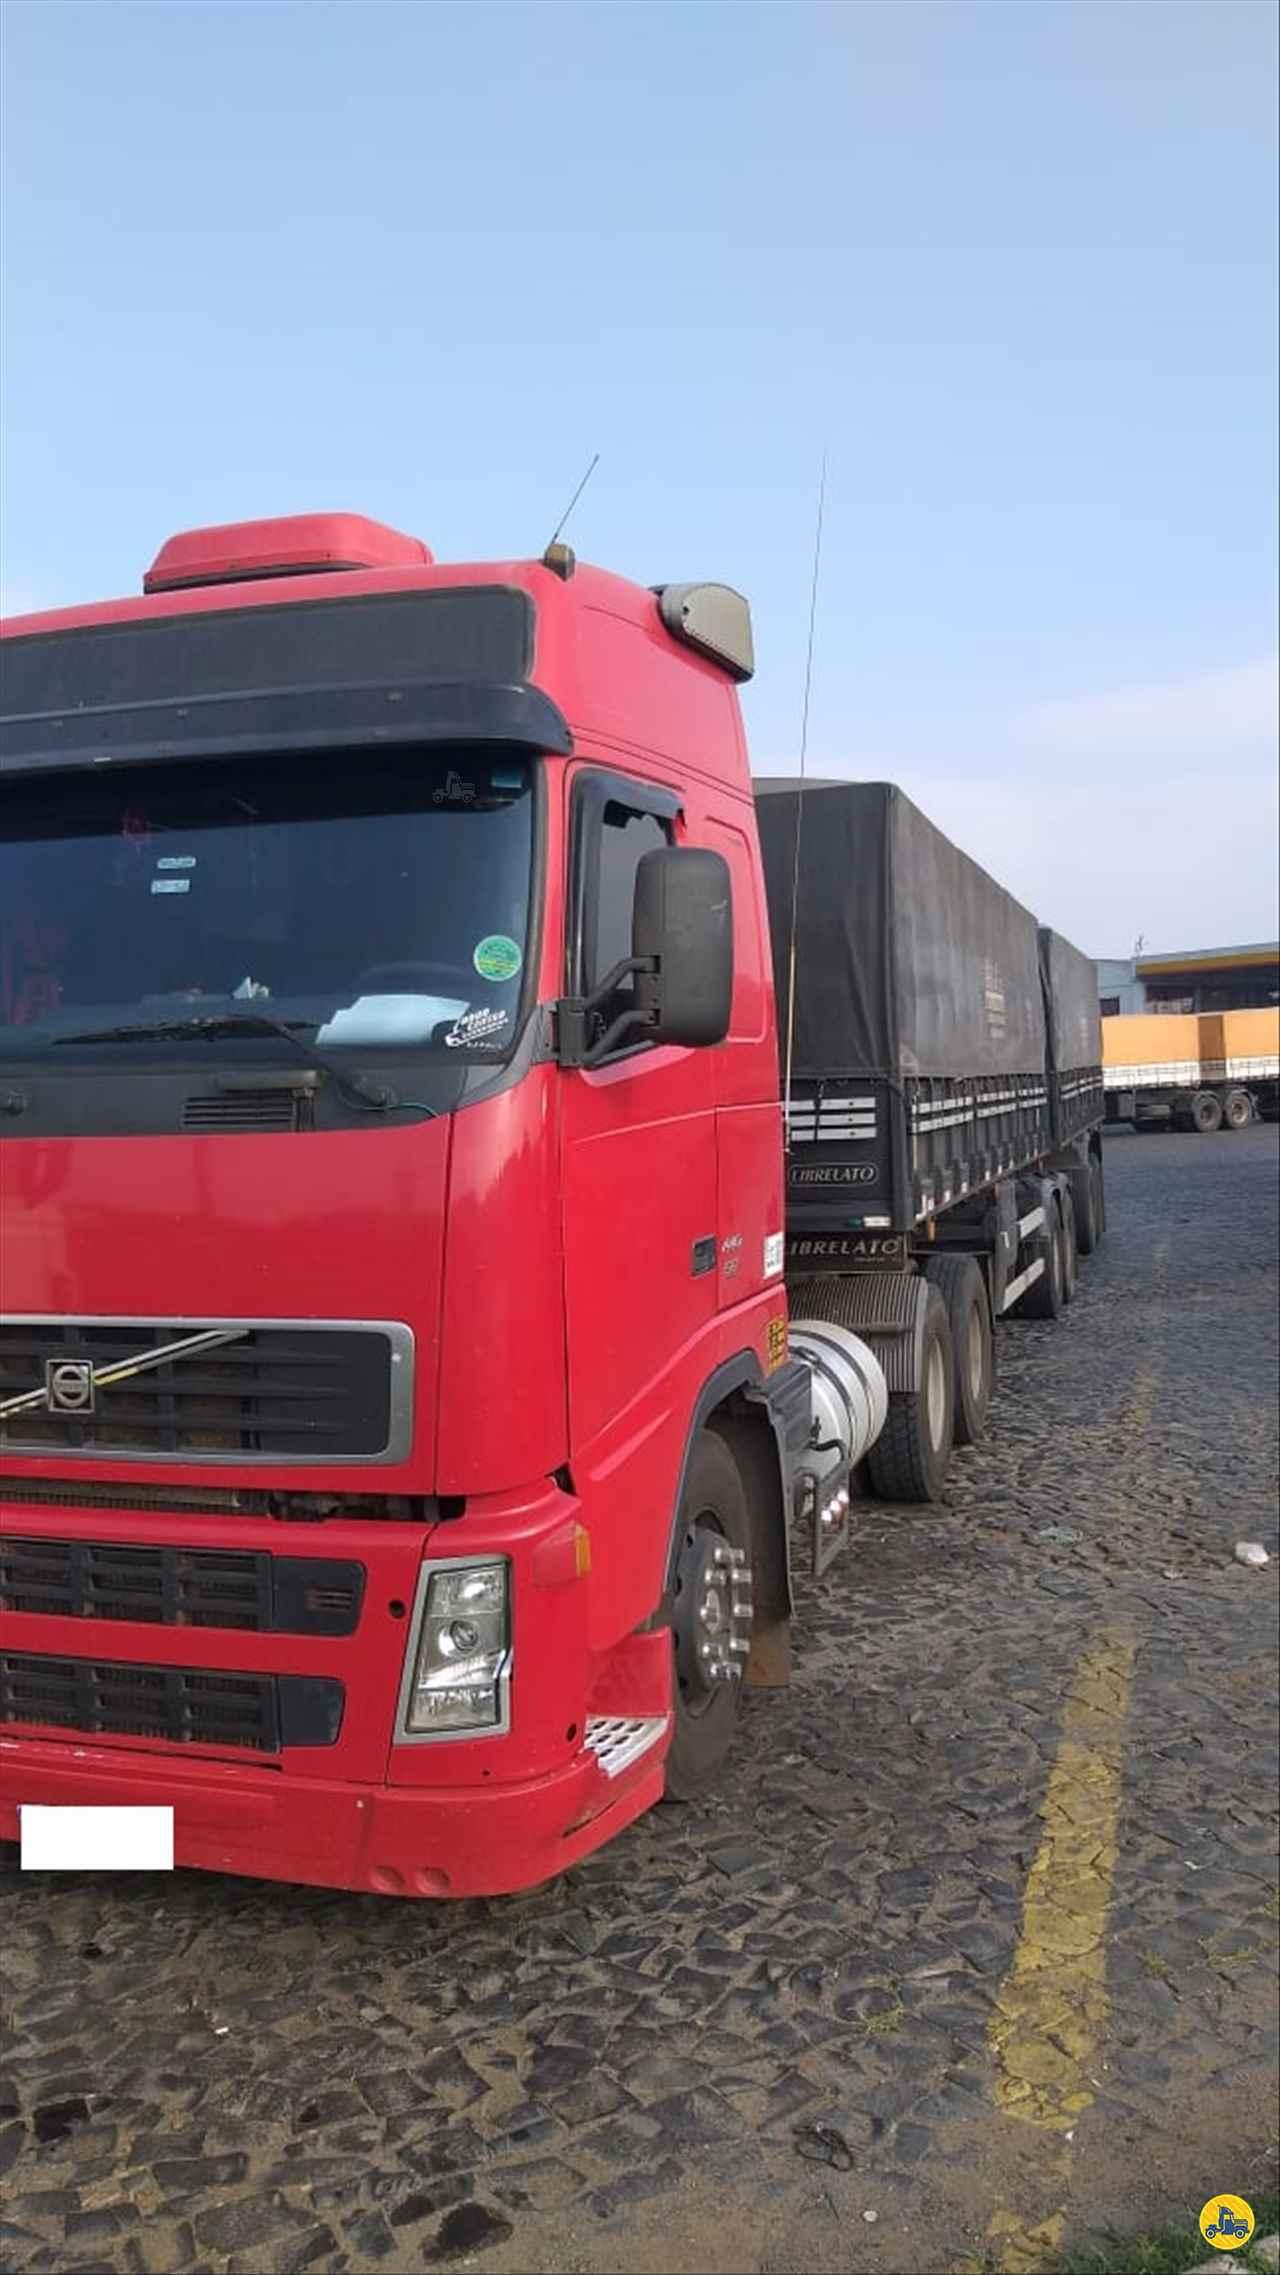 CAMINHAO VOLVO VOLVO FH 440 Graneleiro Truck 6x2 Transmap Caminhões SANTA ROSA RIO GRANDE DO SUL RS